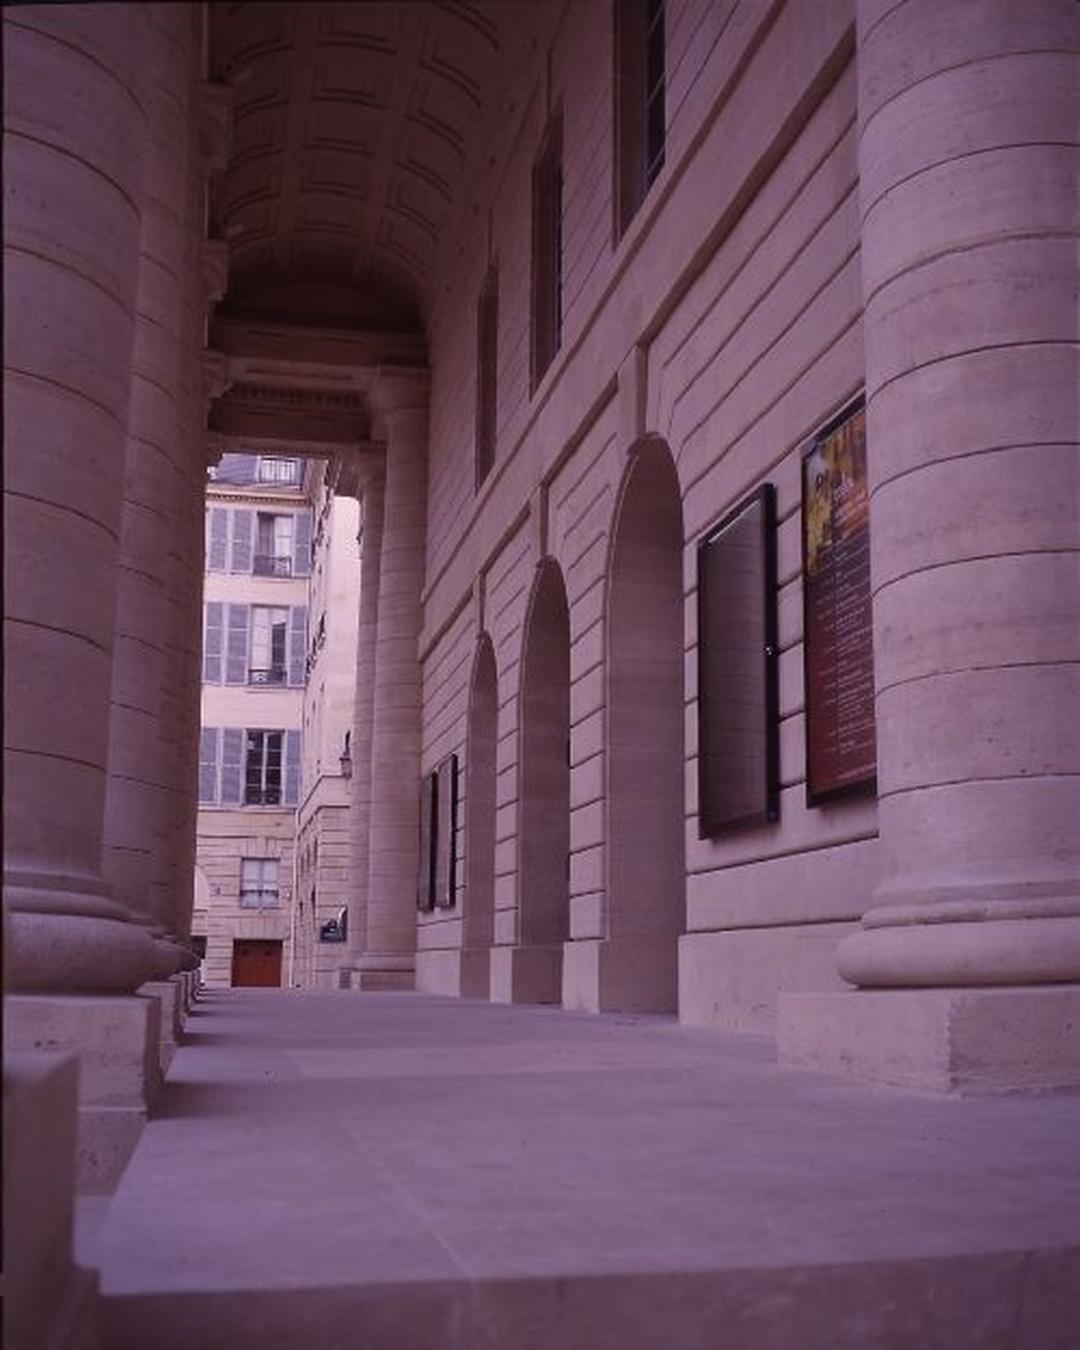 Foto vom 5. Februar 2016 18:48, Théâtre National de l'Odéon, Place de l'Odéon, 75006 Paris, Frankreich